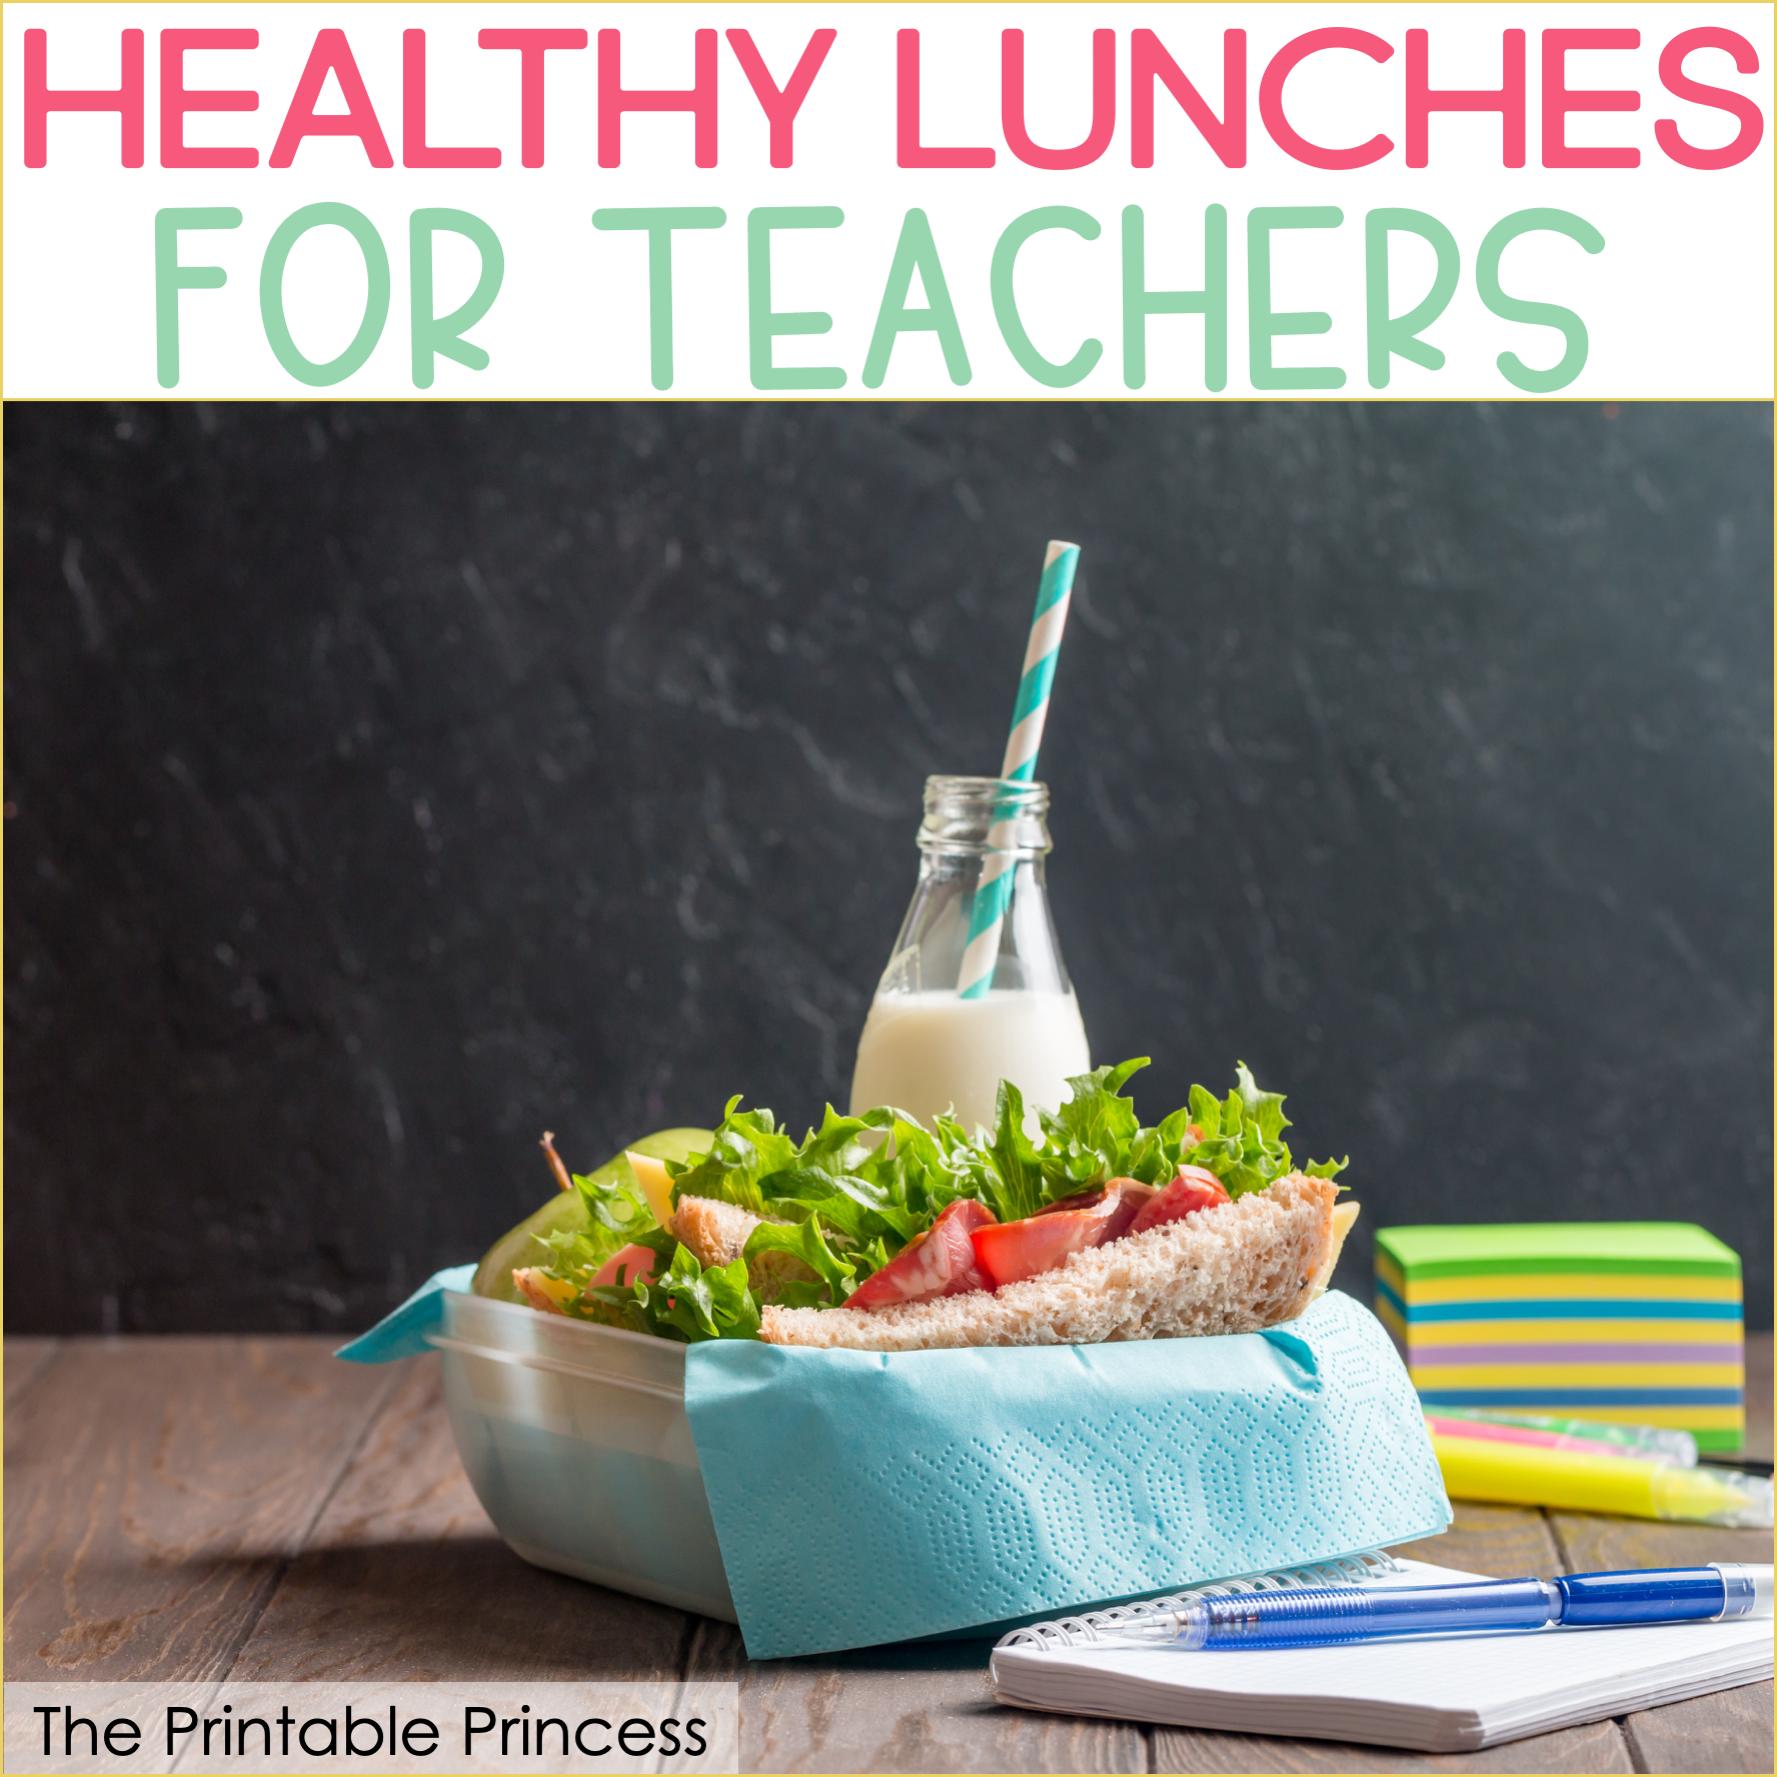 Healthy Lunch Ideas for Teachers